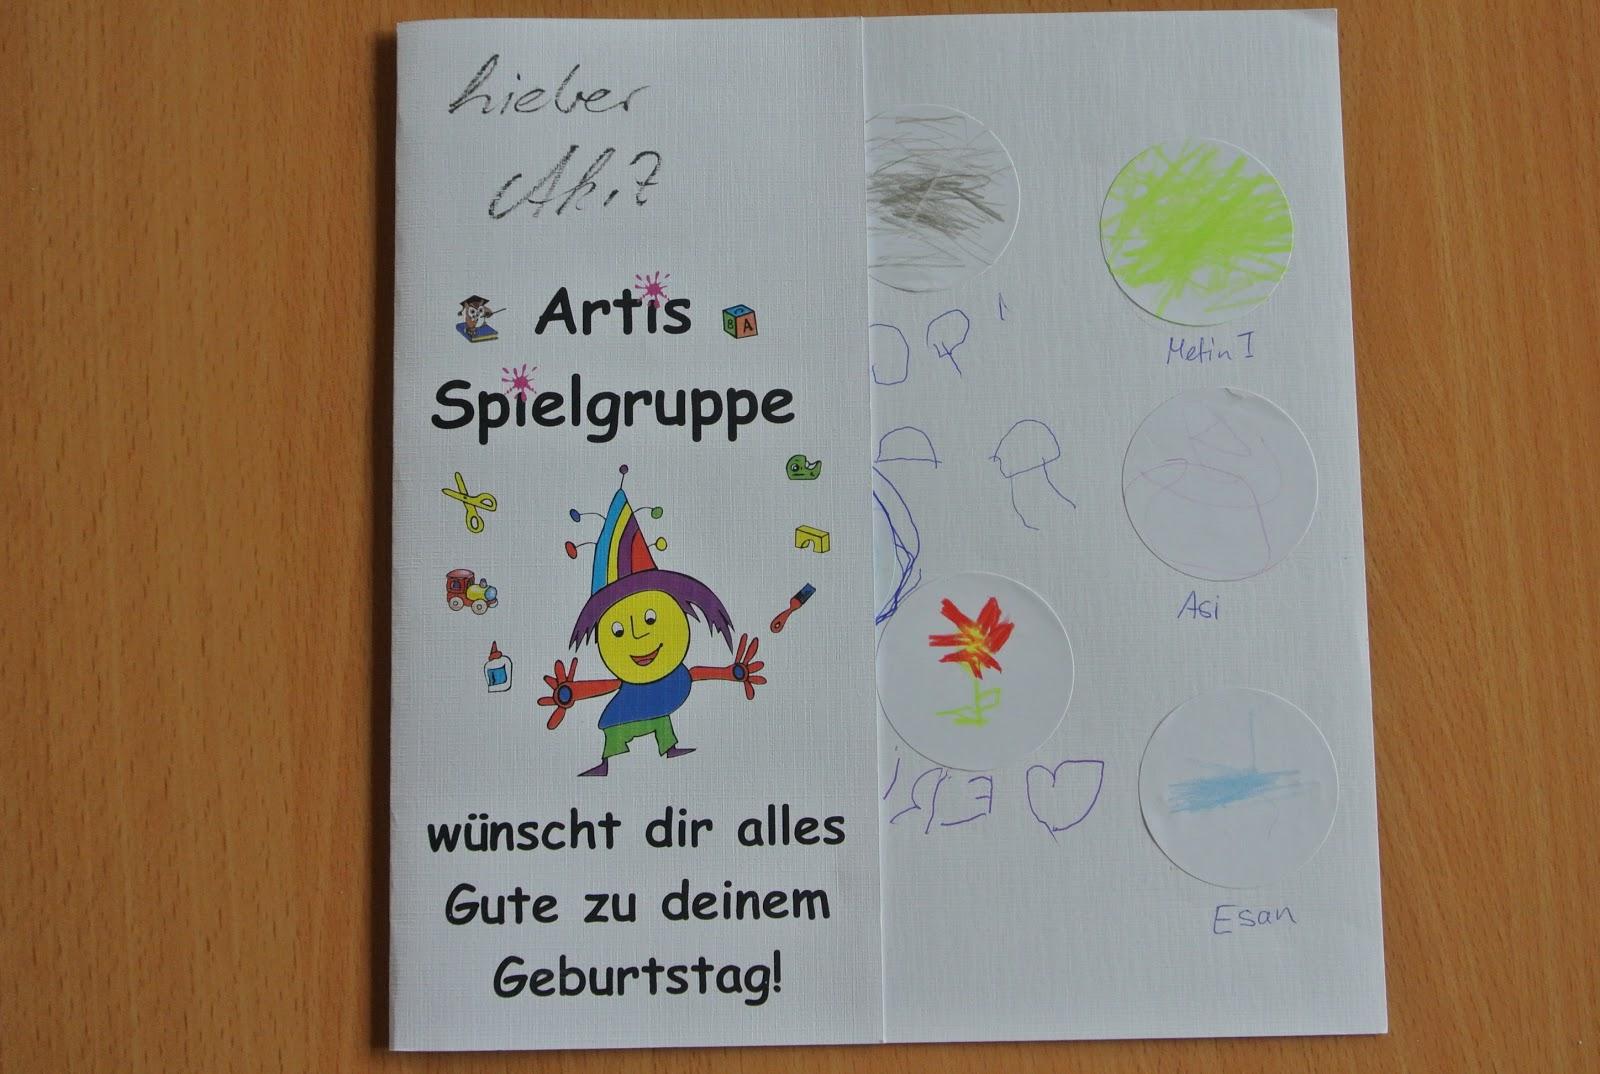 Karte.JPG - Geburtstagskarte Schreiben